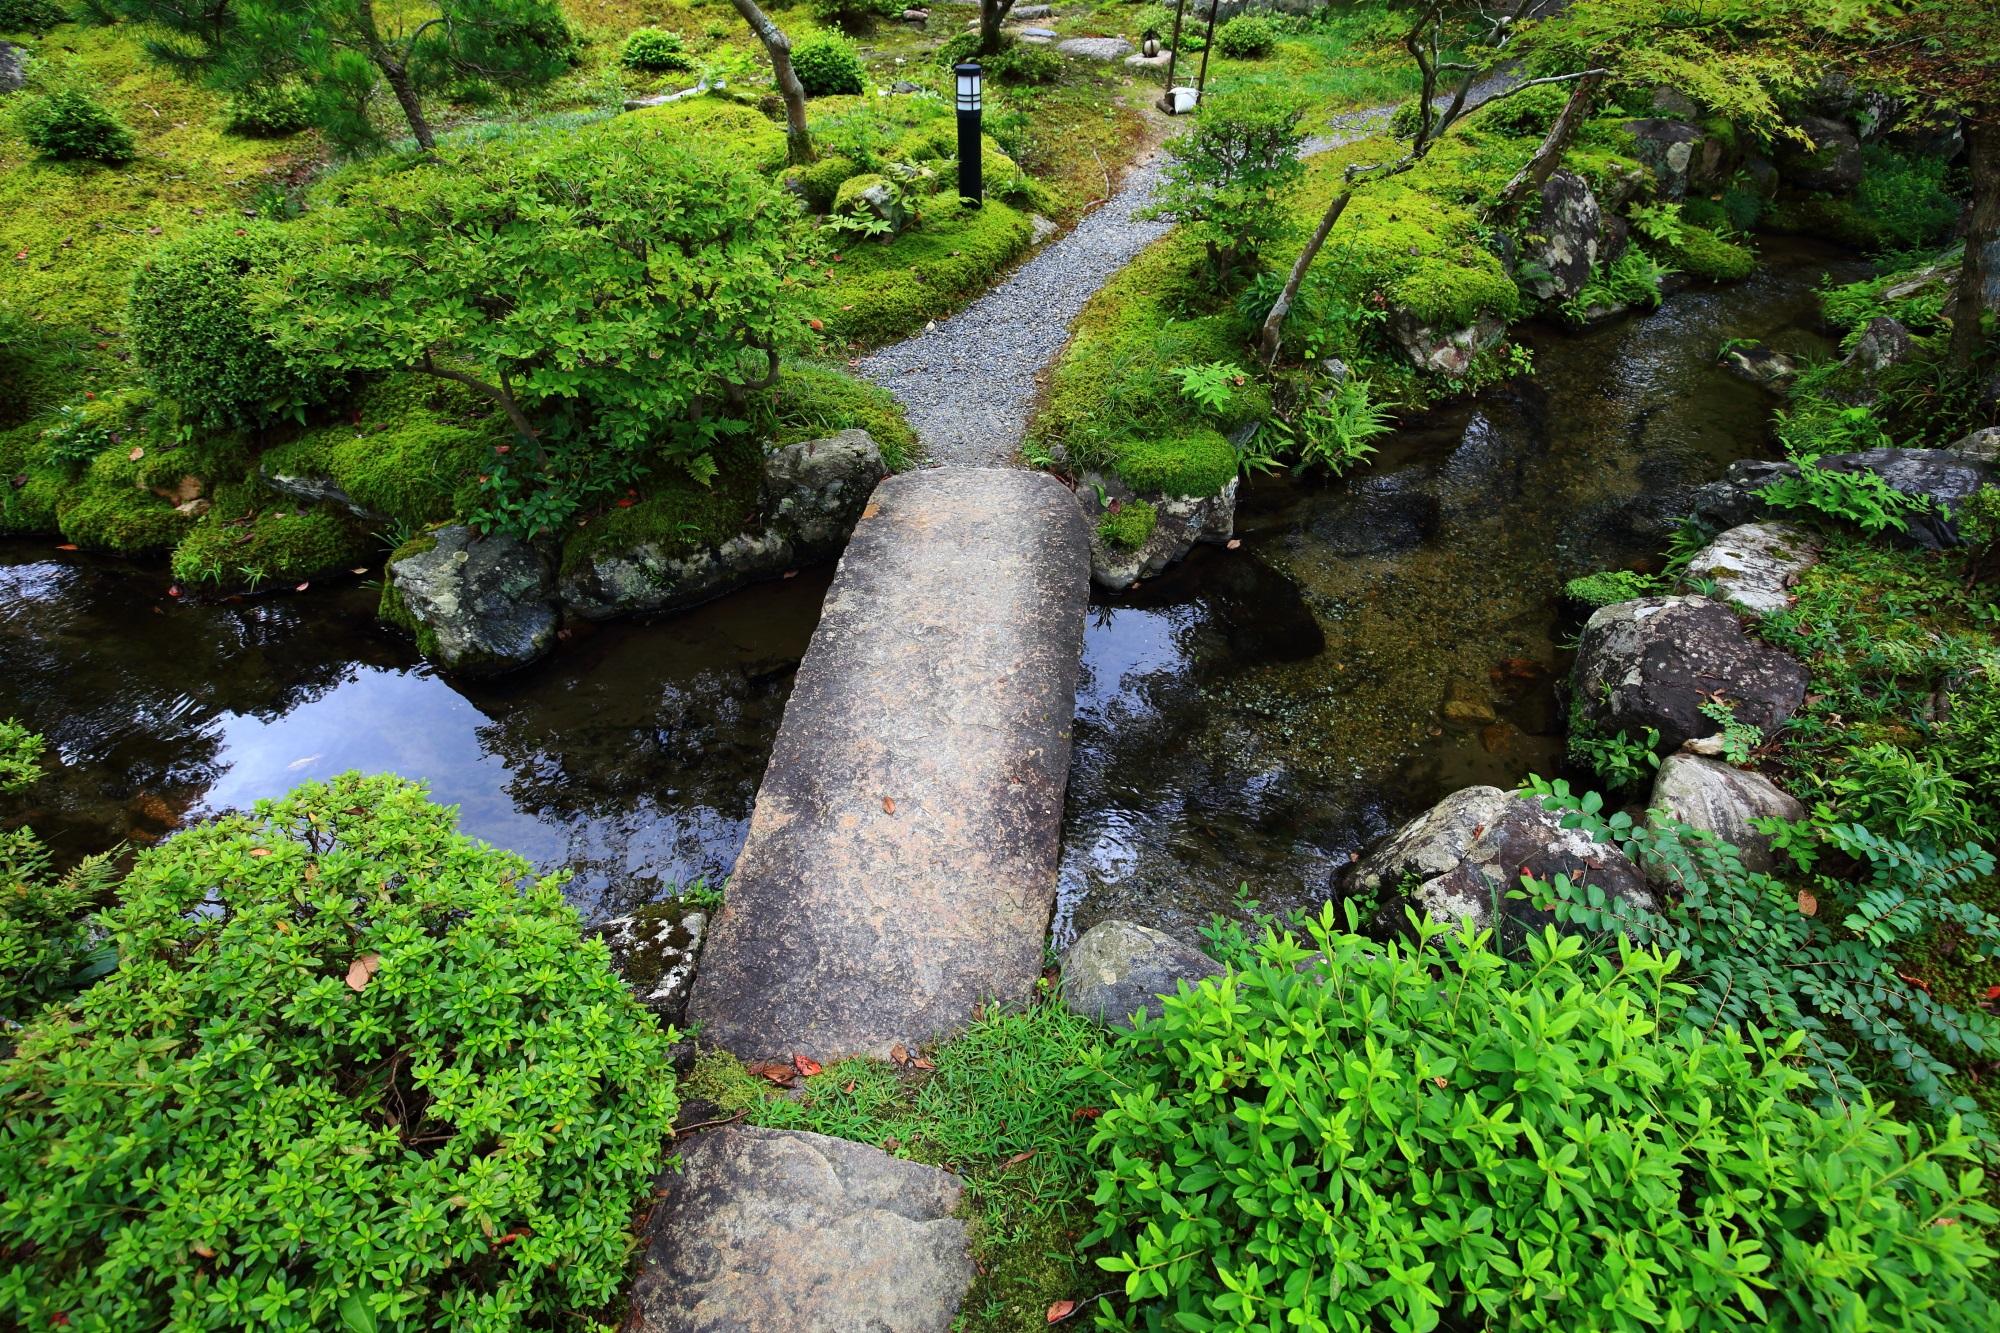 南禅寺大寧軒の池と苔と緑